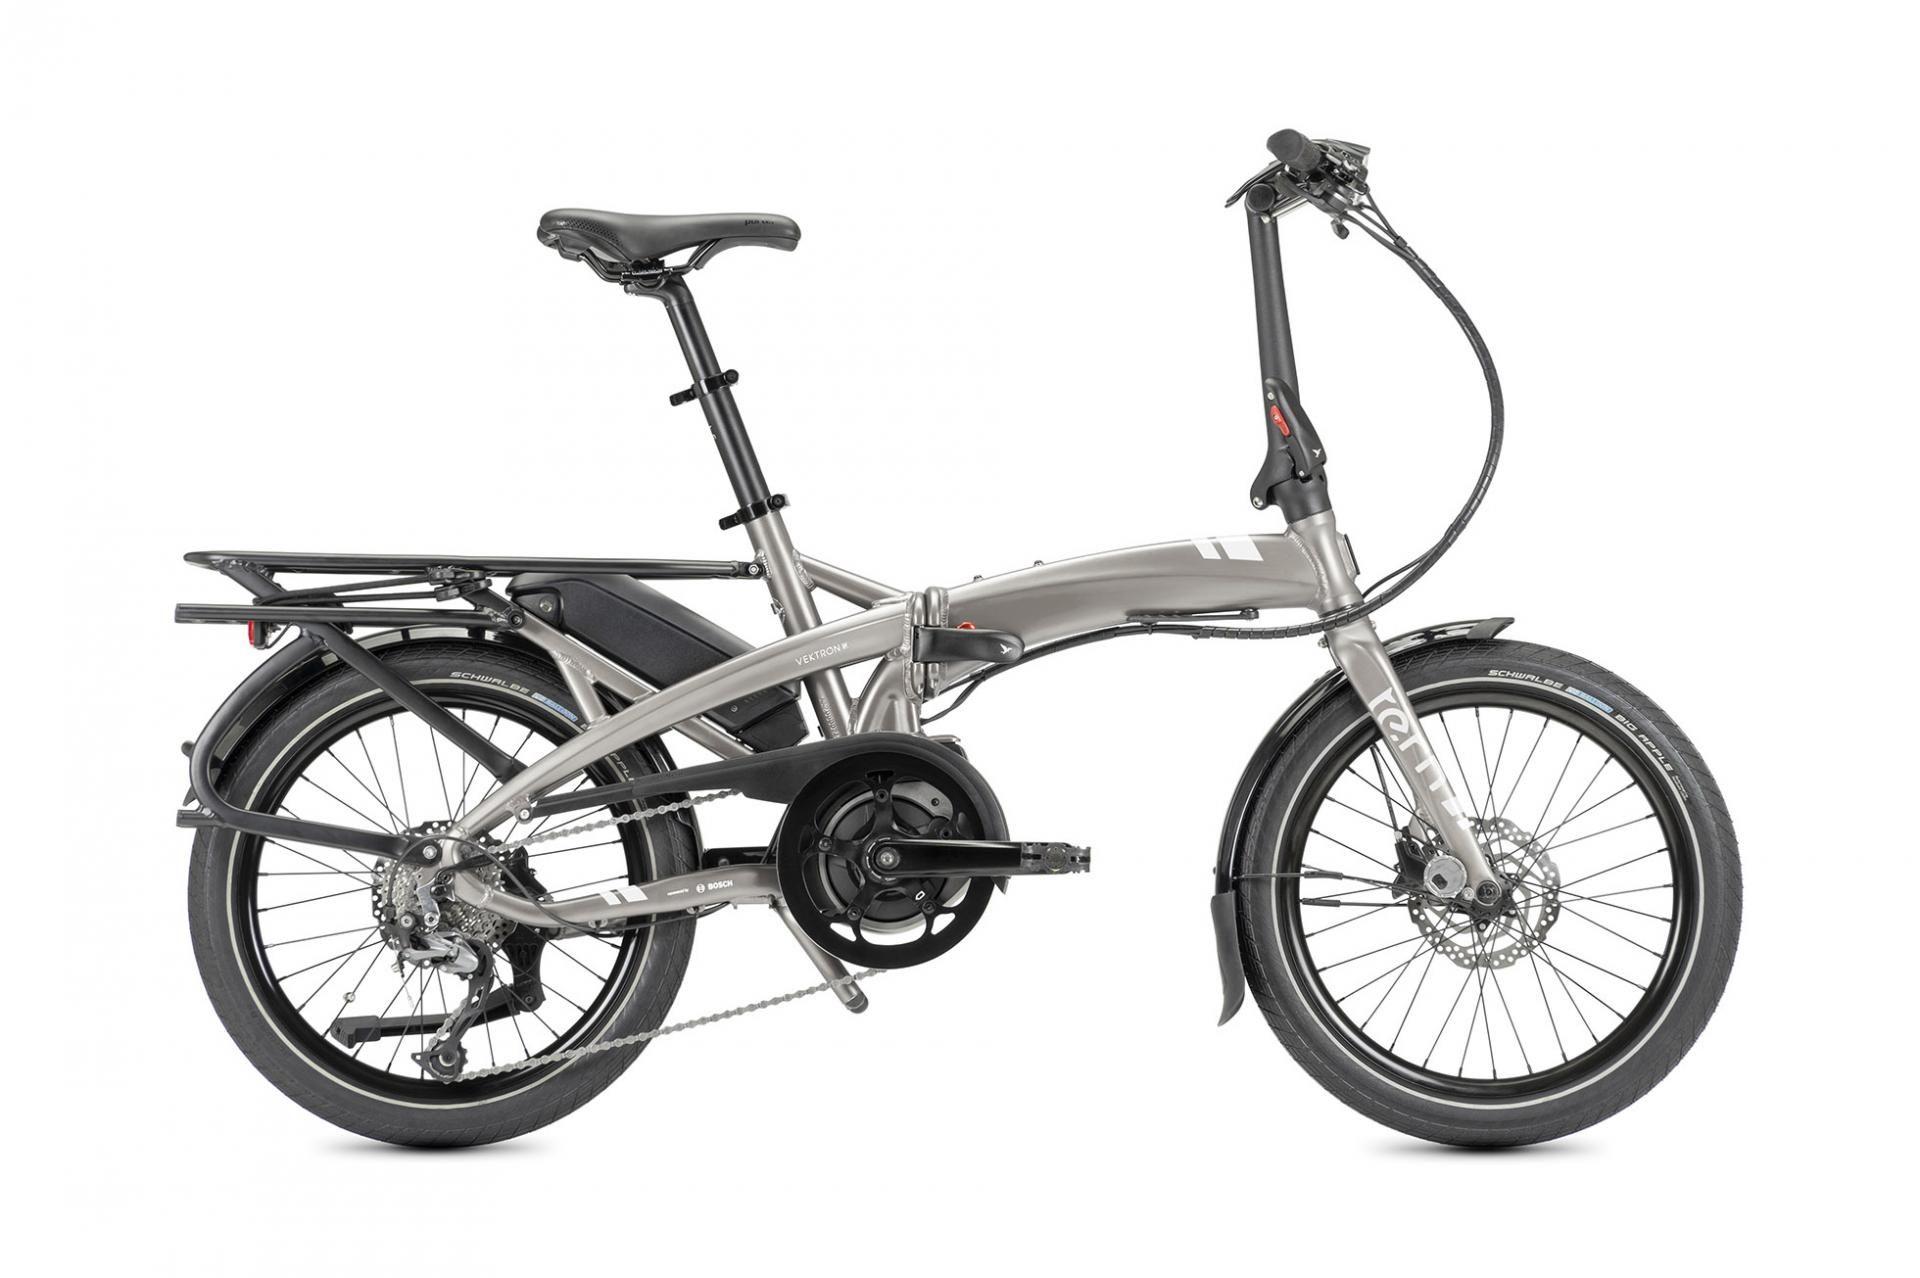 Tern Vektorron Q9, cambio a 9 velocità, unisex, telaio pieghevole, modello 2021, 20 pollici 40 cm argento metallizzato satinato